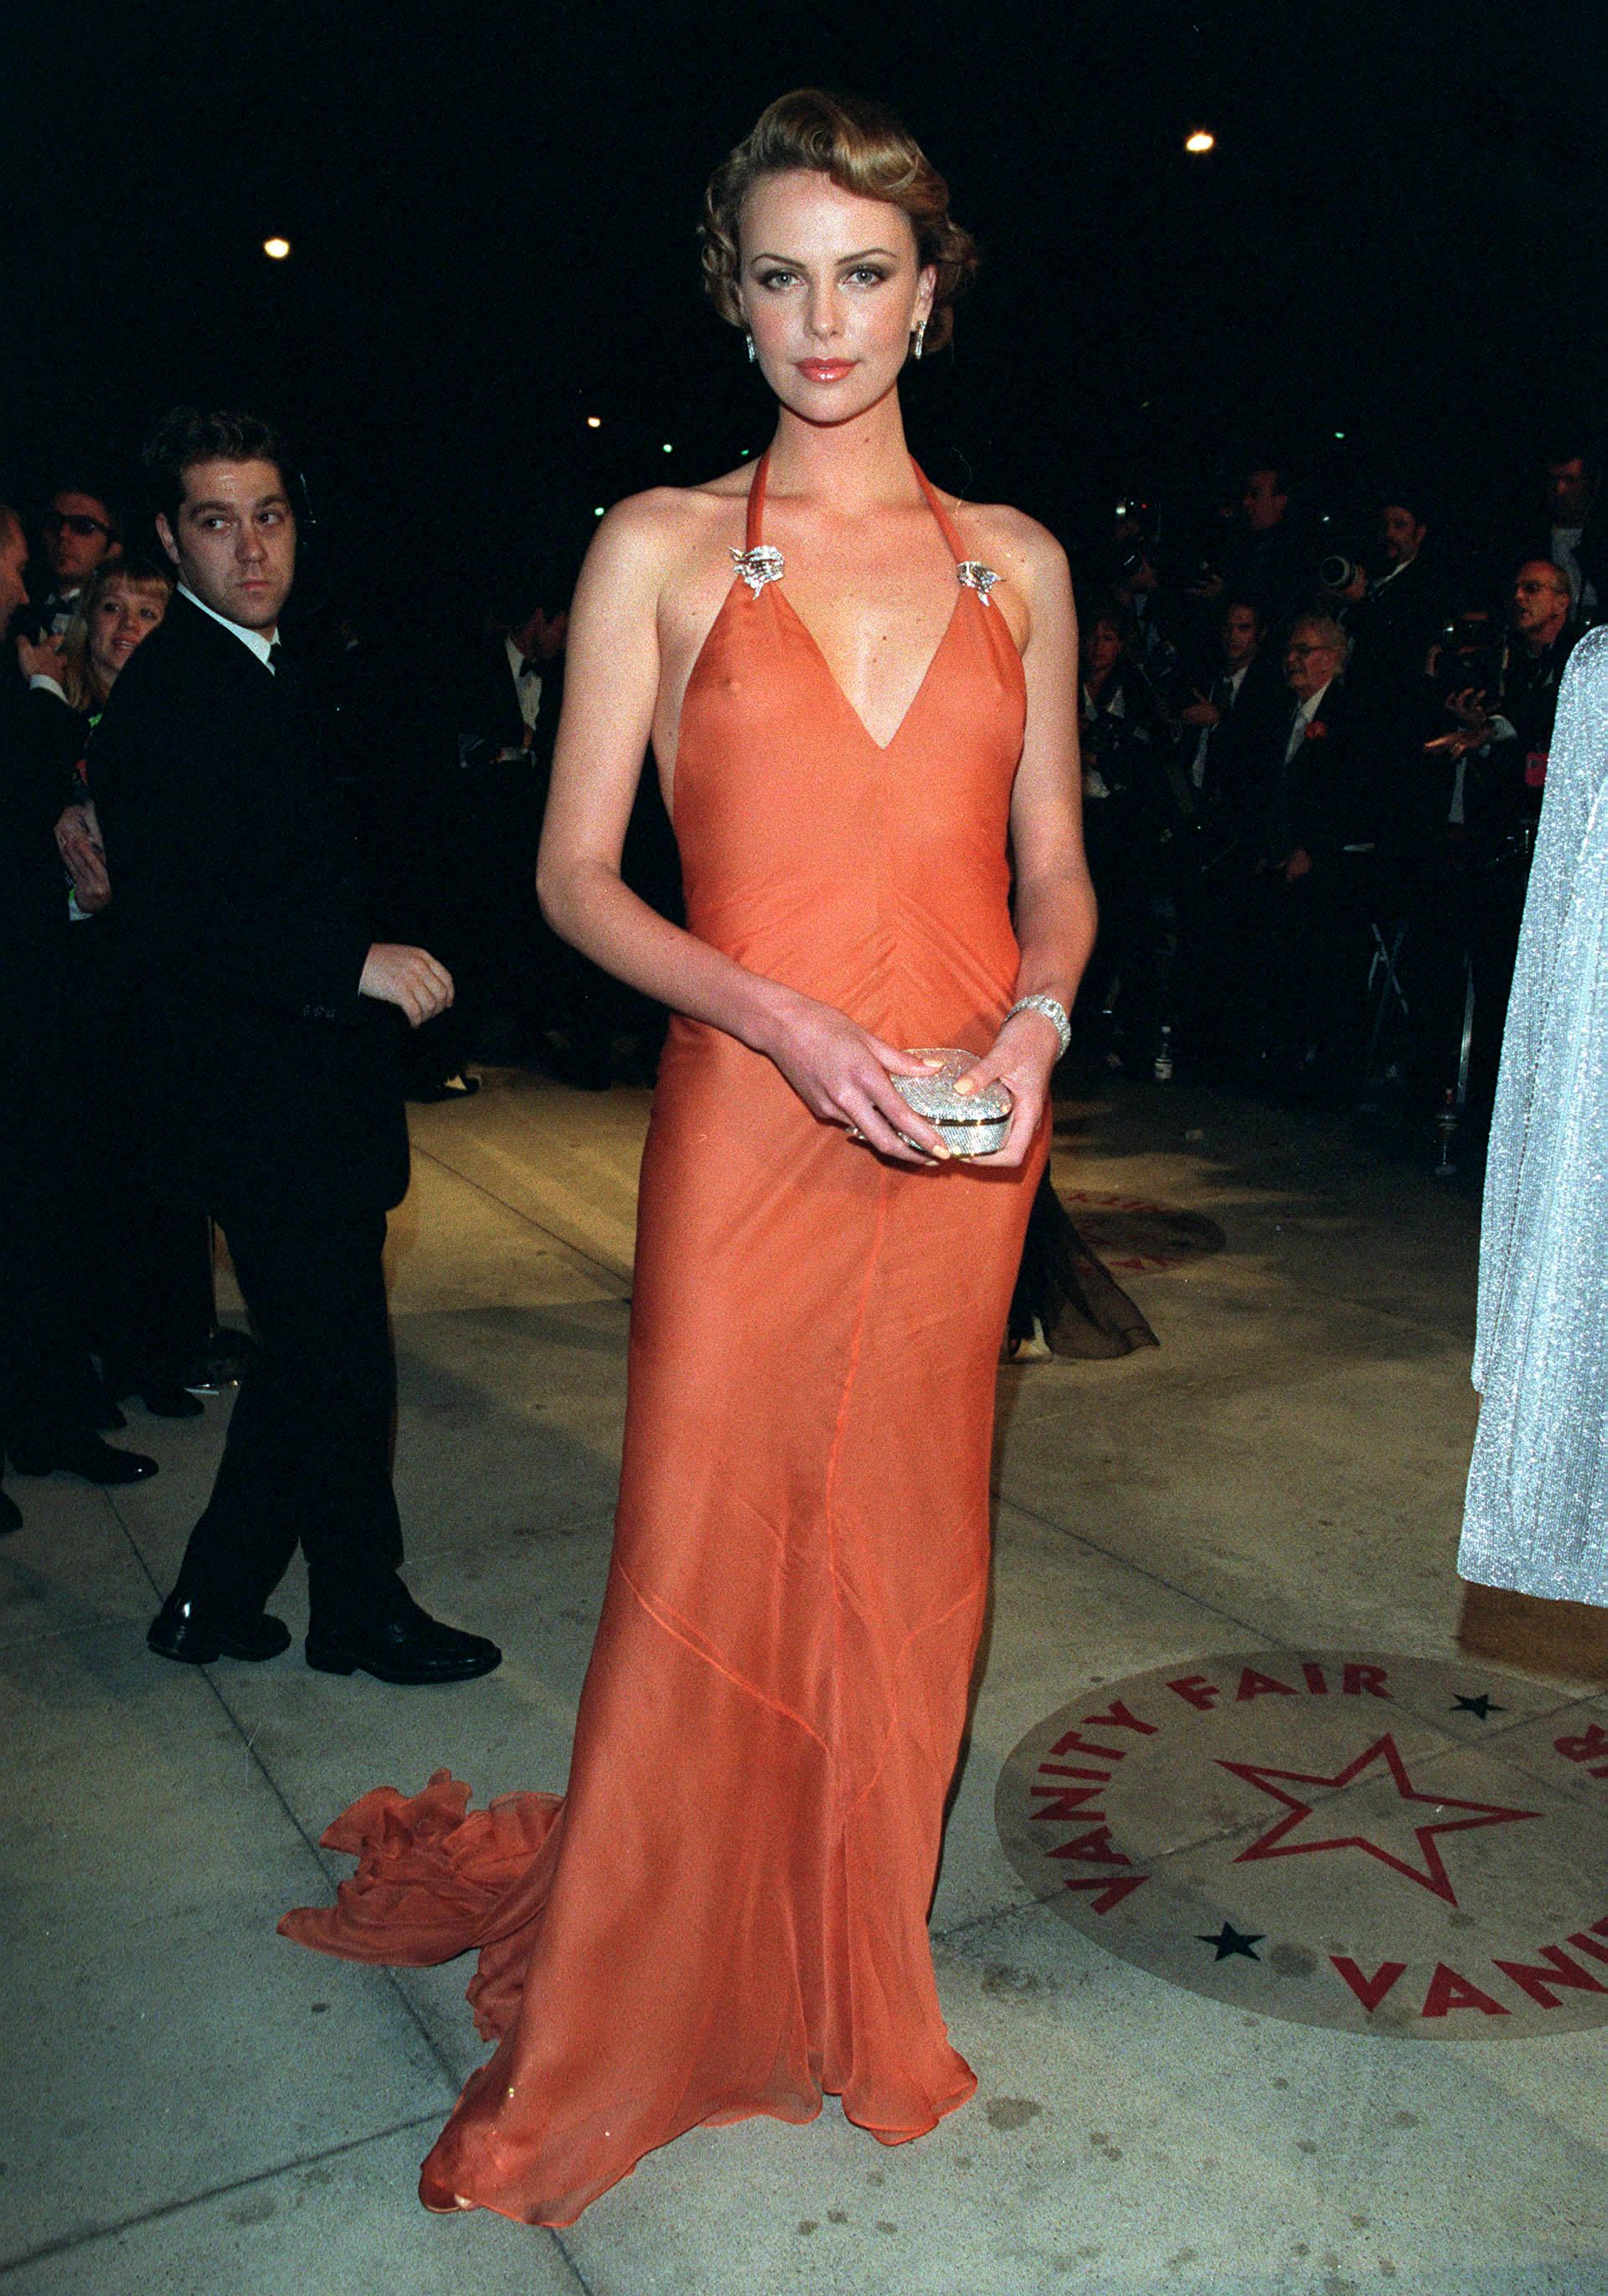 Charlize Theron en los premios Oscar del año 2000. Desde entonces, Theron se ha convertido en una habitué de los premios de la Academia de Hollywood. Este año podría llevarse su segundo Oscar. Anteriormente ganó como actriz protagónica por el drama